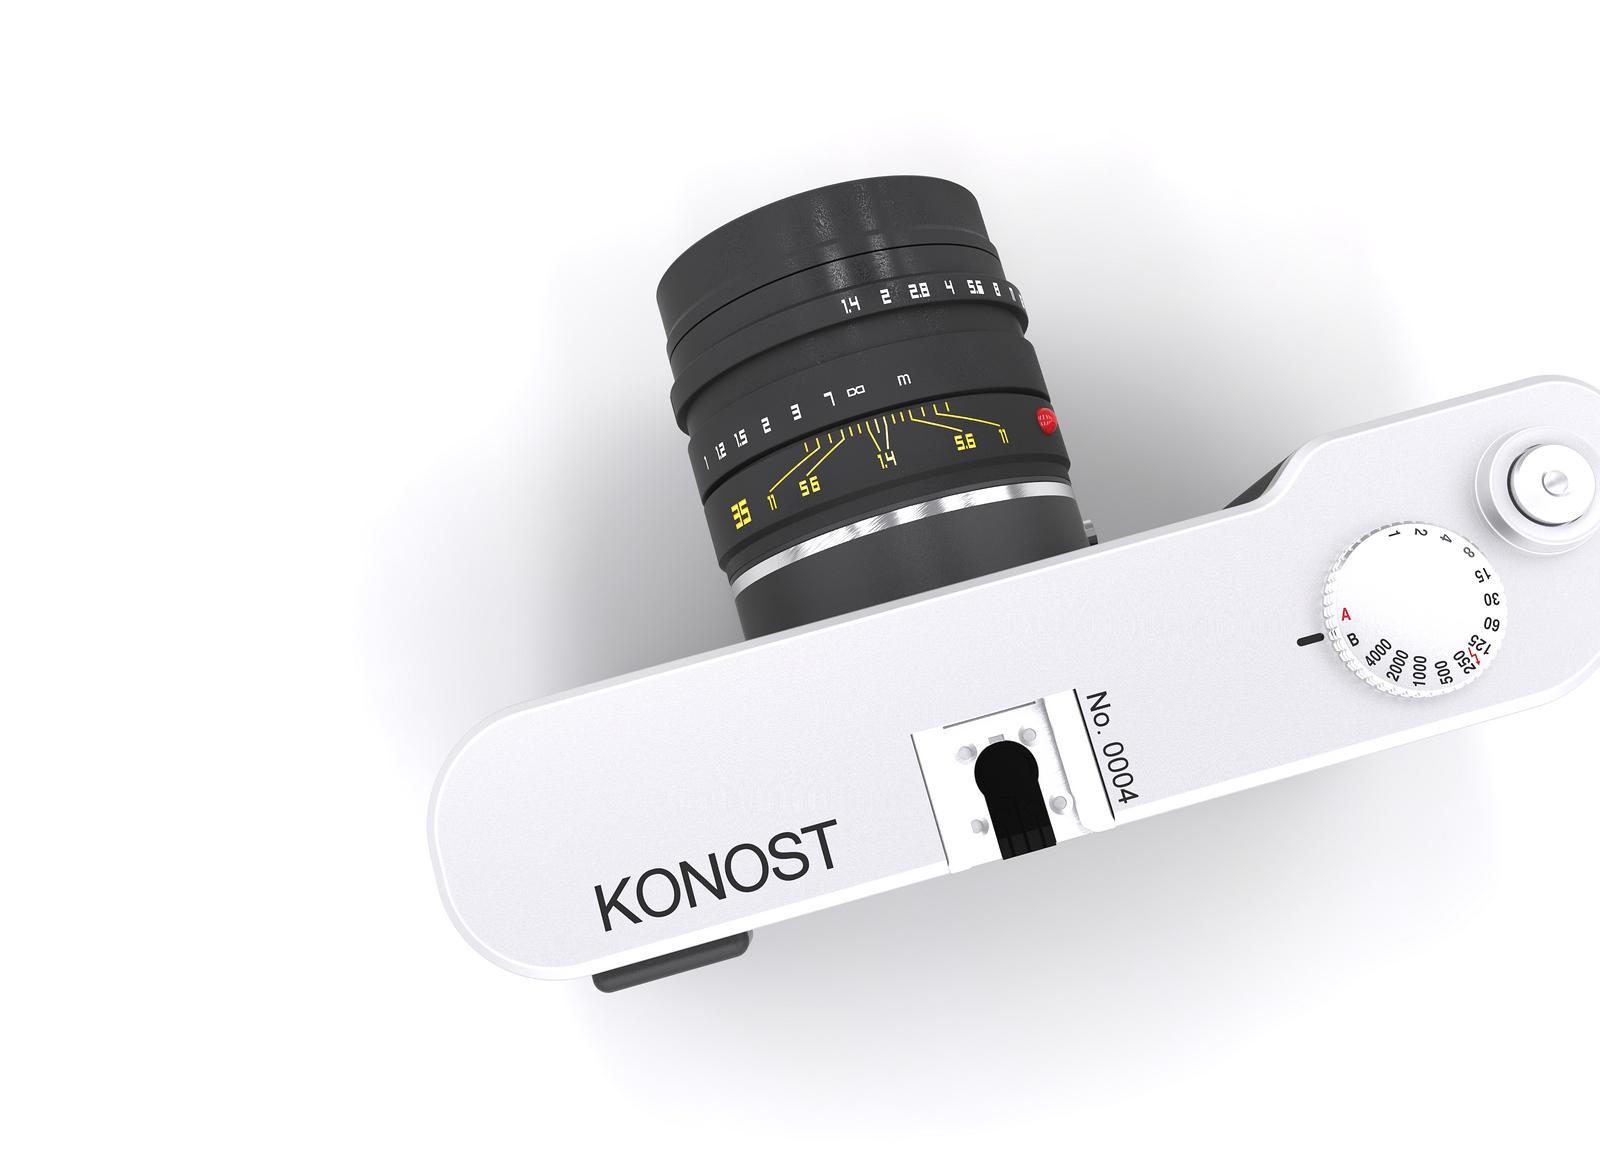 Камера Konost, вид сверху